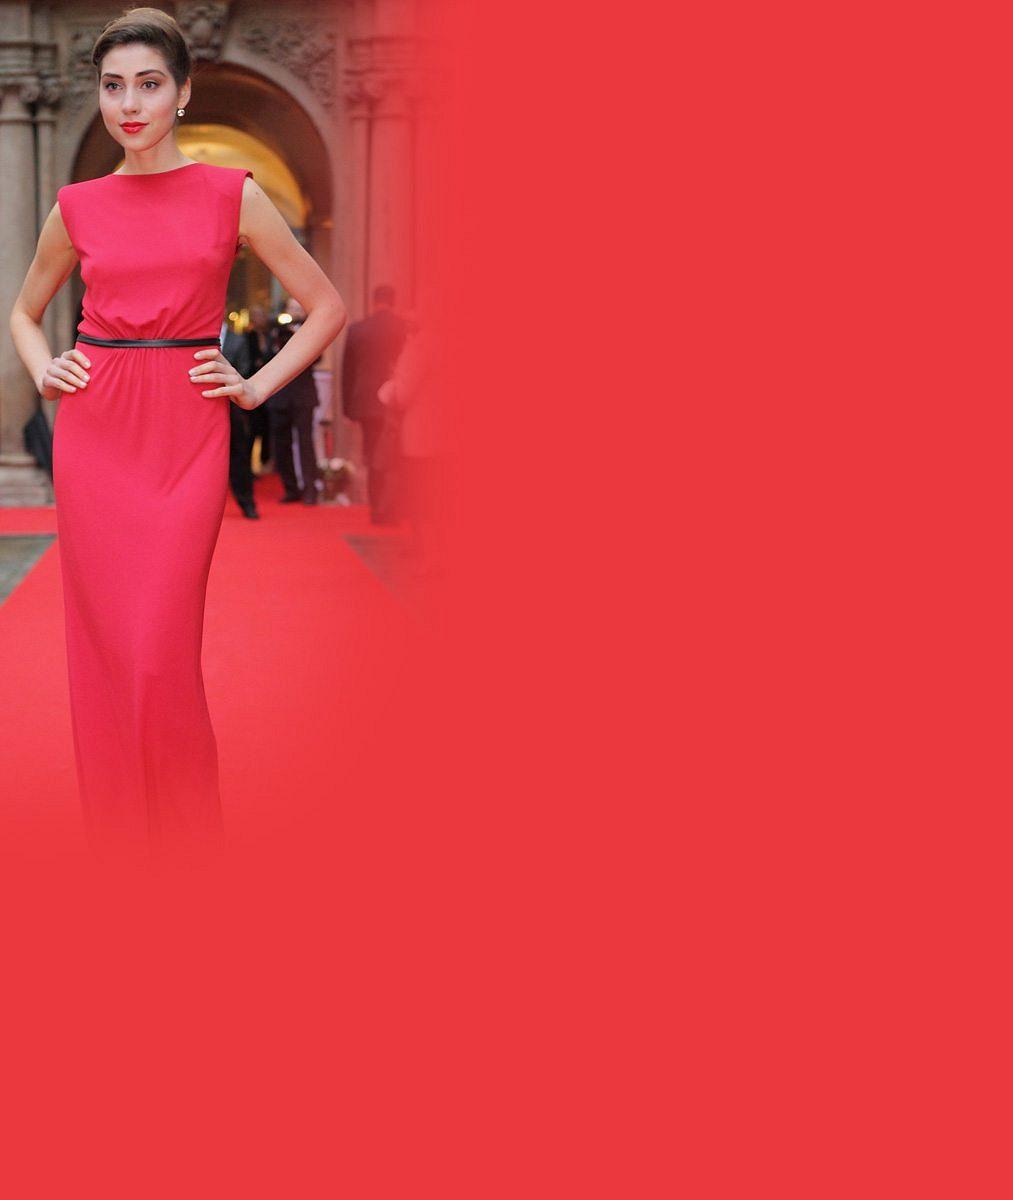 Majitelka těchto skvělých křivek řekla 'ano': Krásná Česká Miss World 2011se bude vdávat